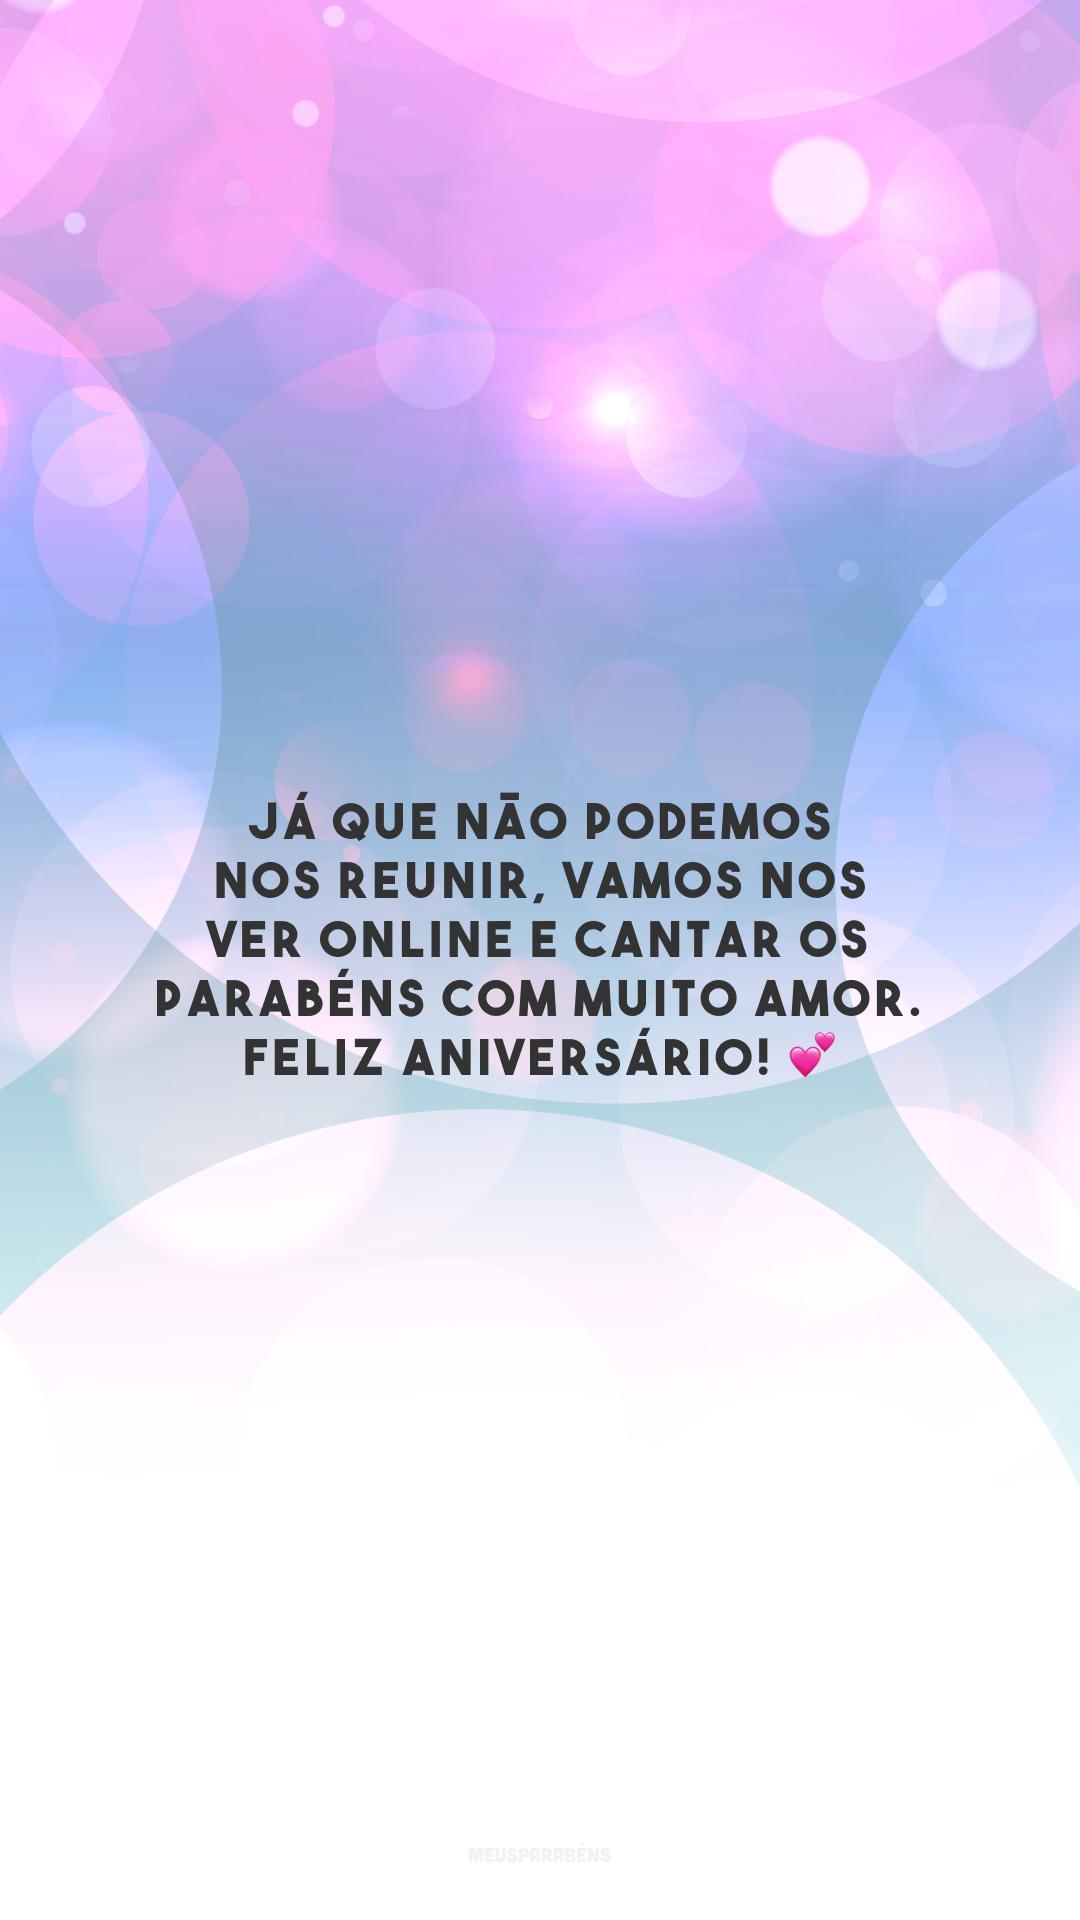 Já que não podemos nos reunir, vamos nos ver online e cantar os parabéns com muito amor. Feliz aniversário! 💕